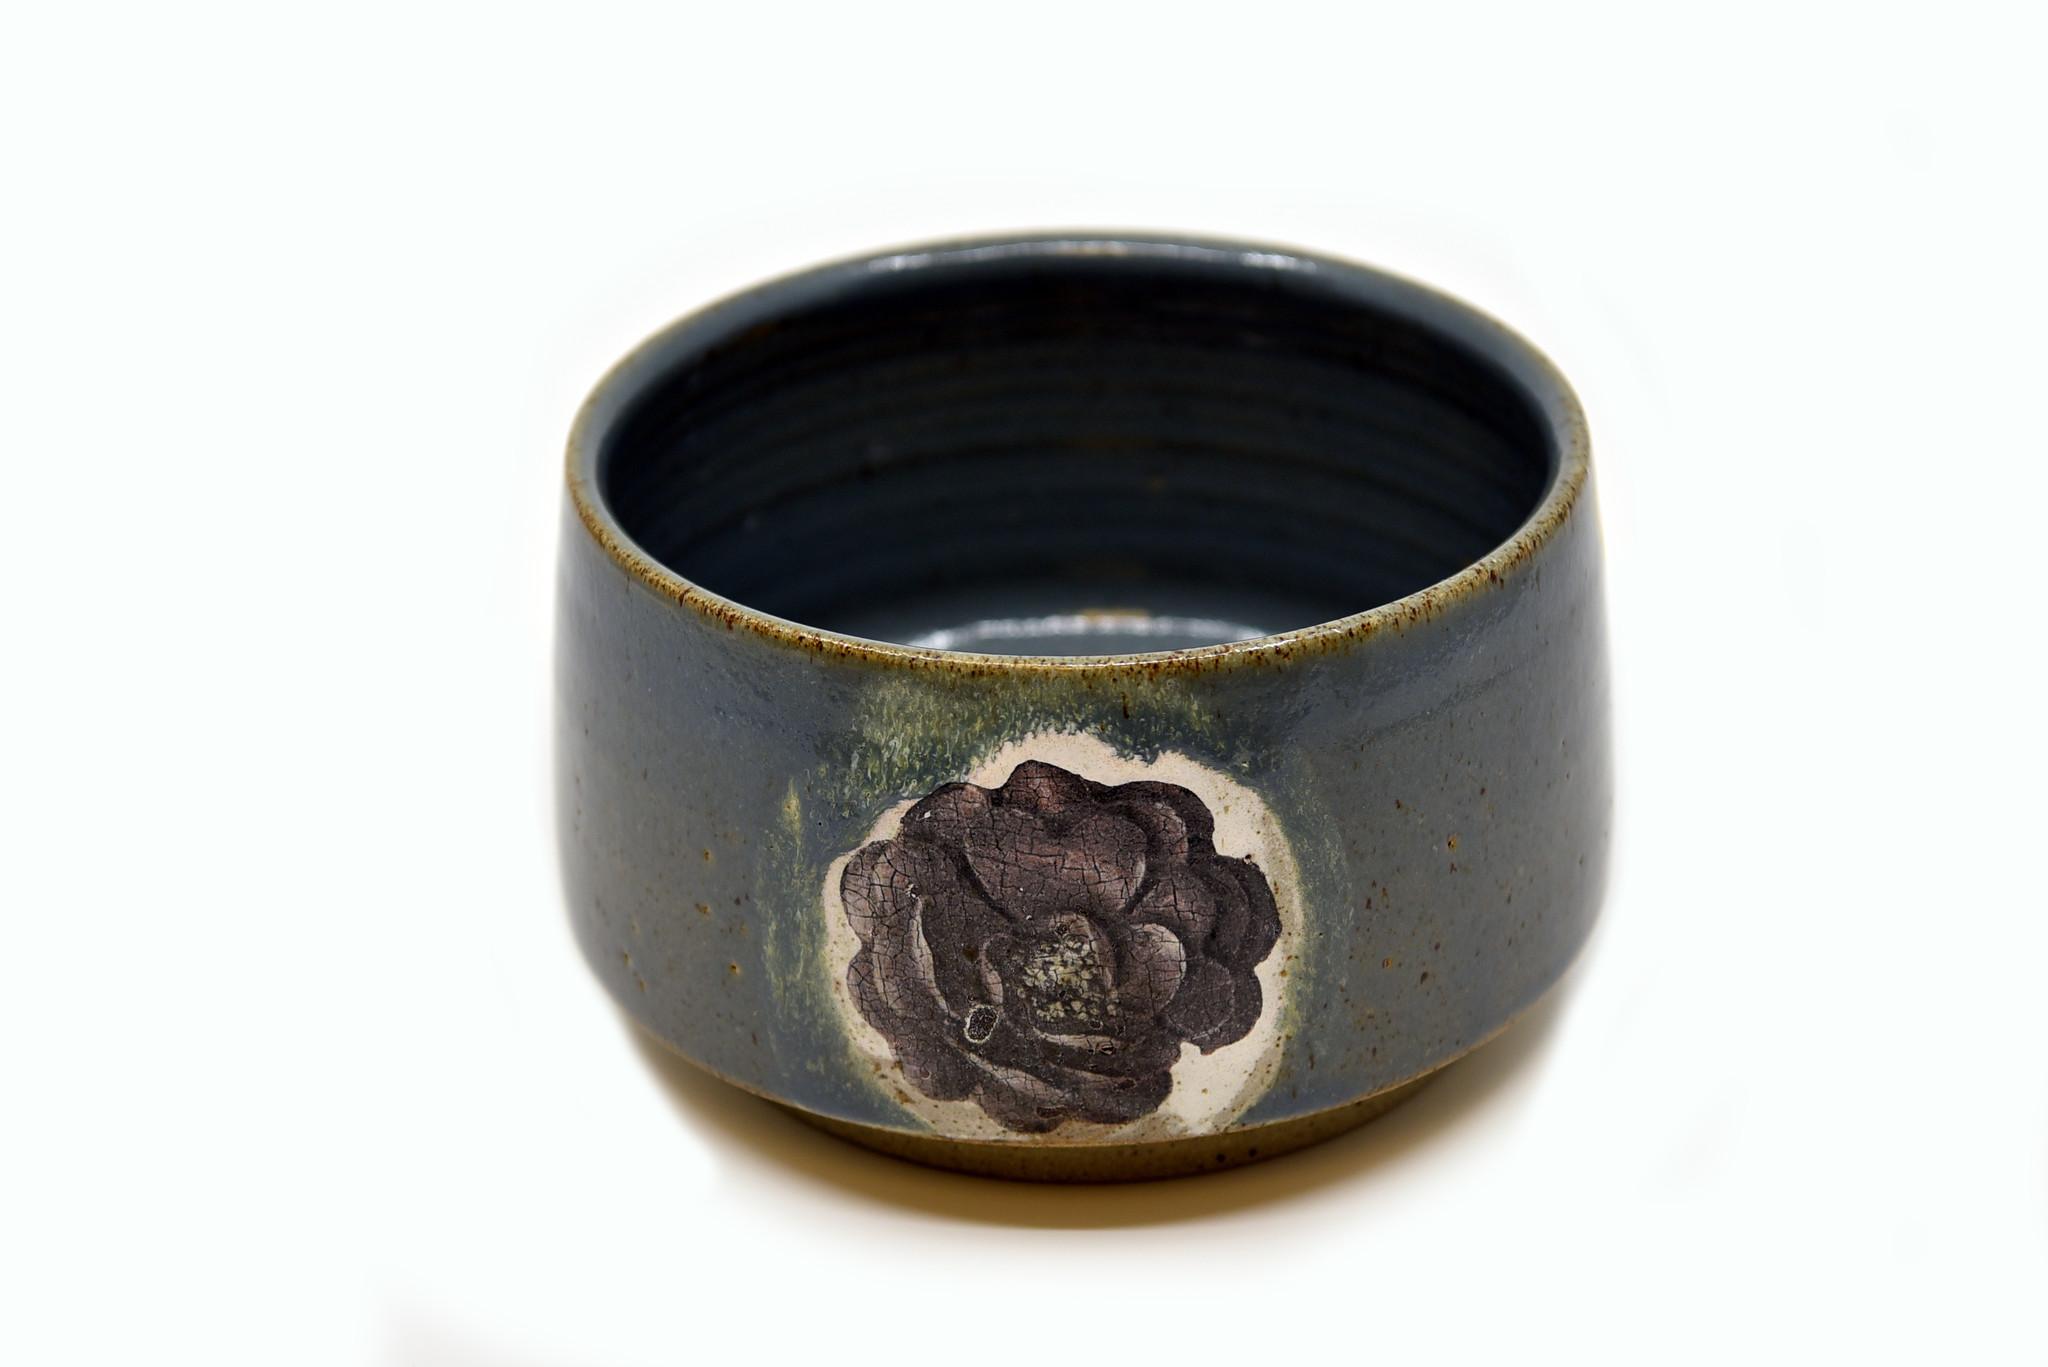 Atelier Caro-K Unique handmade ceramic dish - Atelier Caro-K - Diameter 20 cm